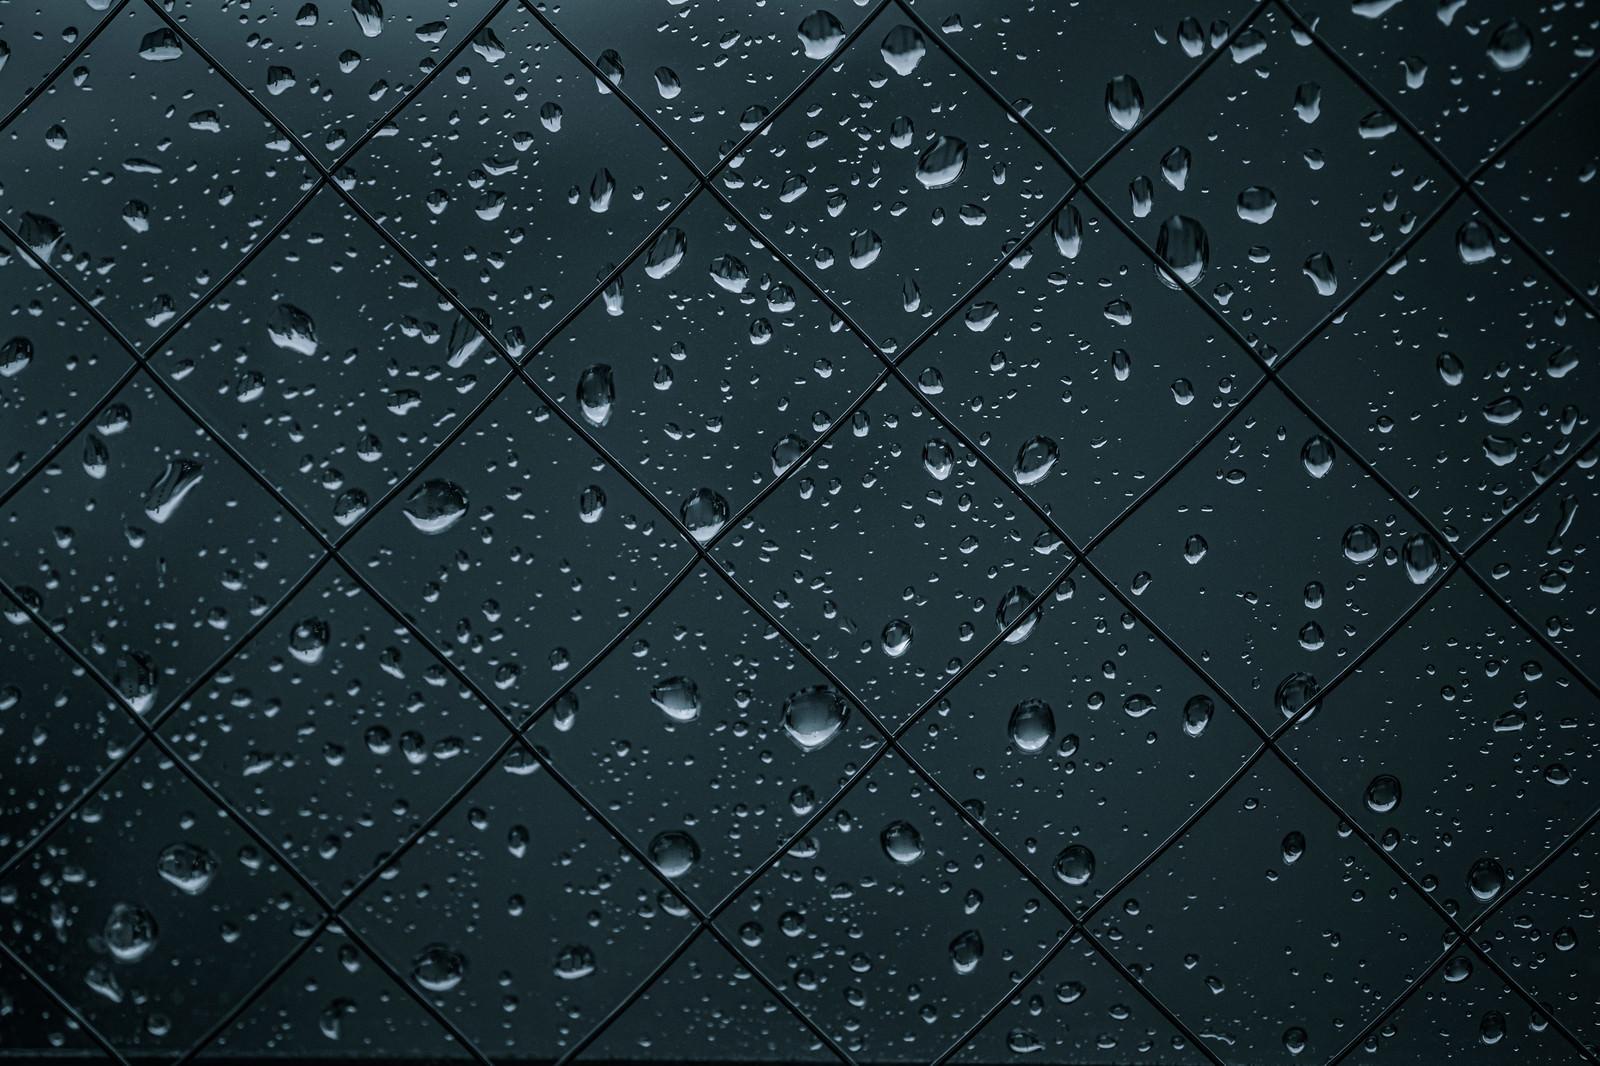 「窓の水滴」の写真